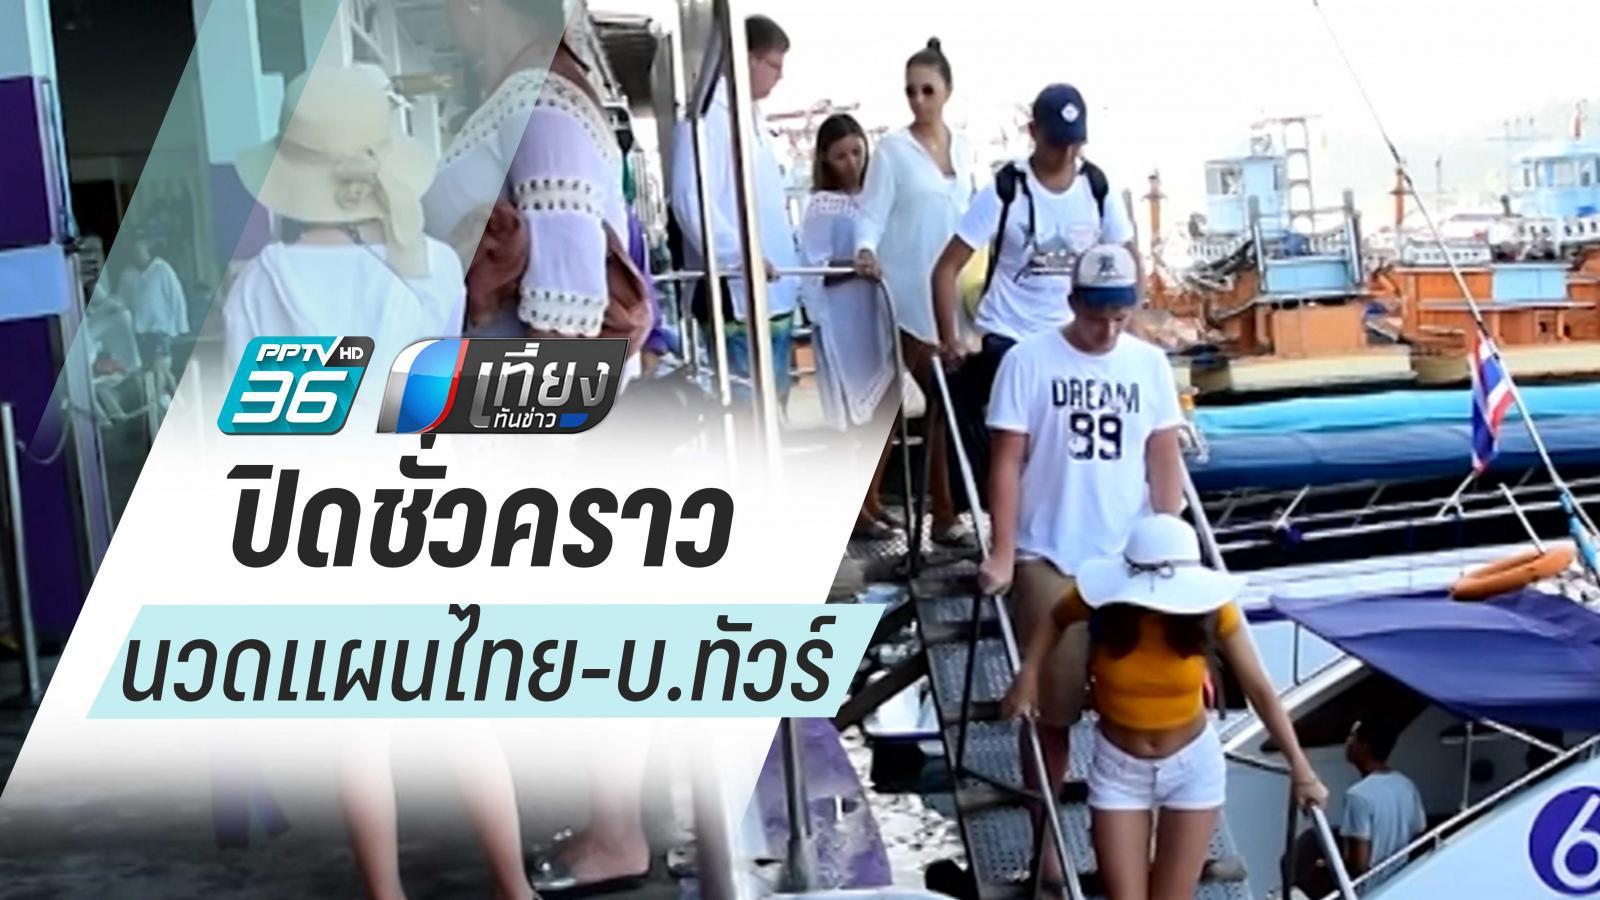 """ไวรัสโคโรนา : ร้านนวดแผนไทย-บ.ทัวร์ ทยอยปิดกิจการชั่วคราว จากผลกระทบ """"ไวรัสโคโรนา"""""""